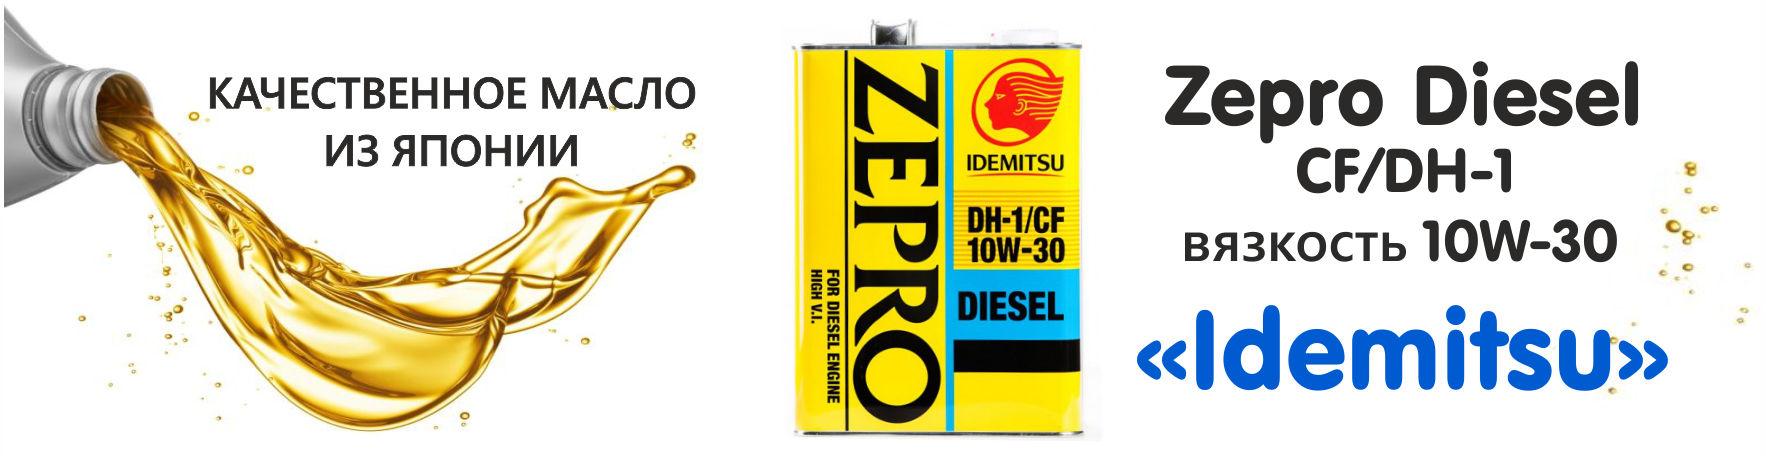 Zepro Diesel